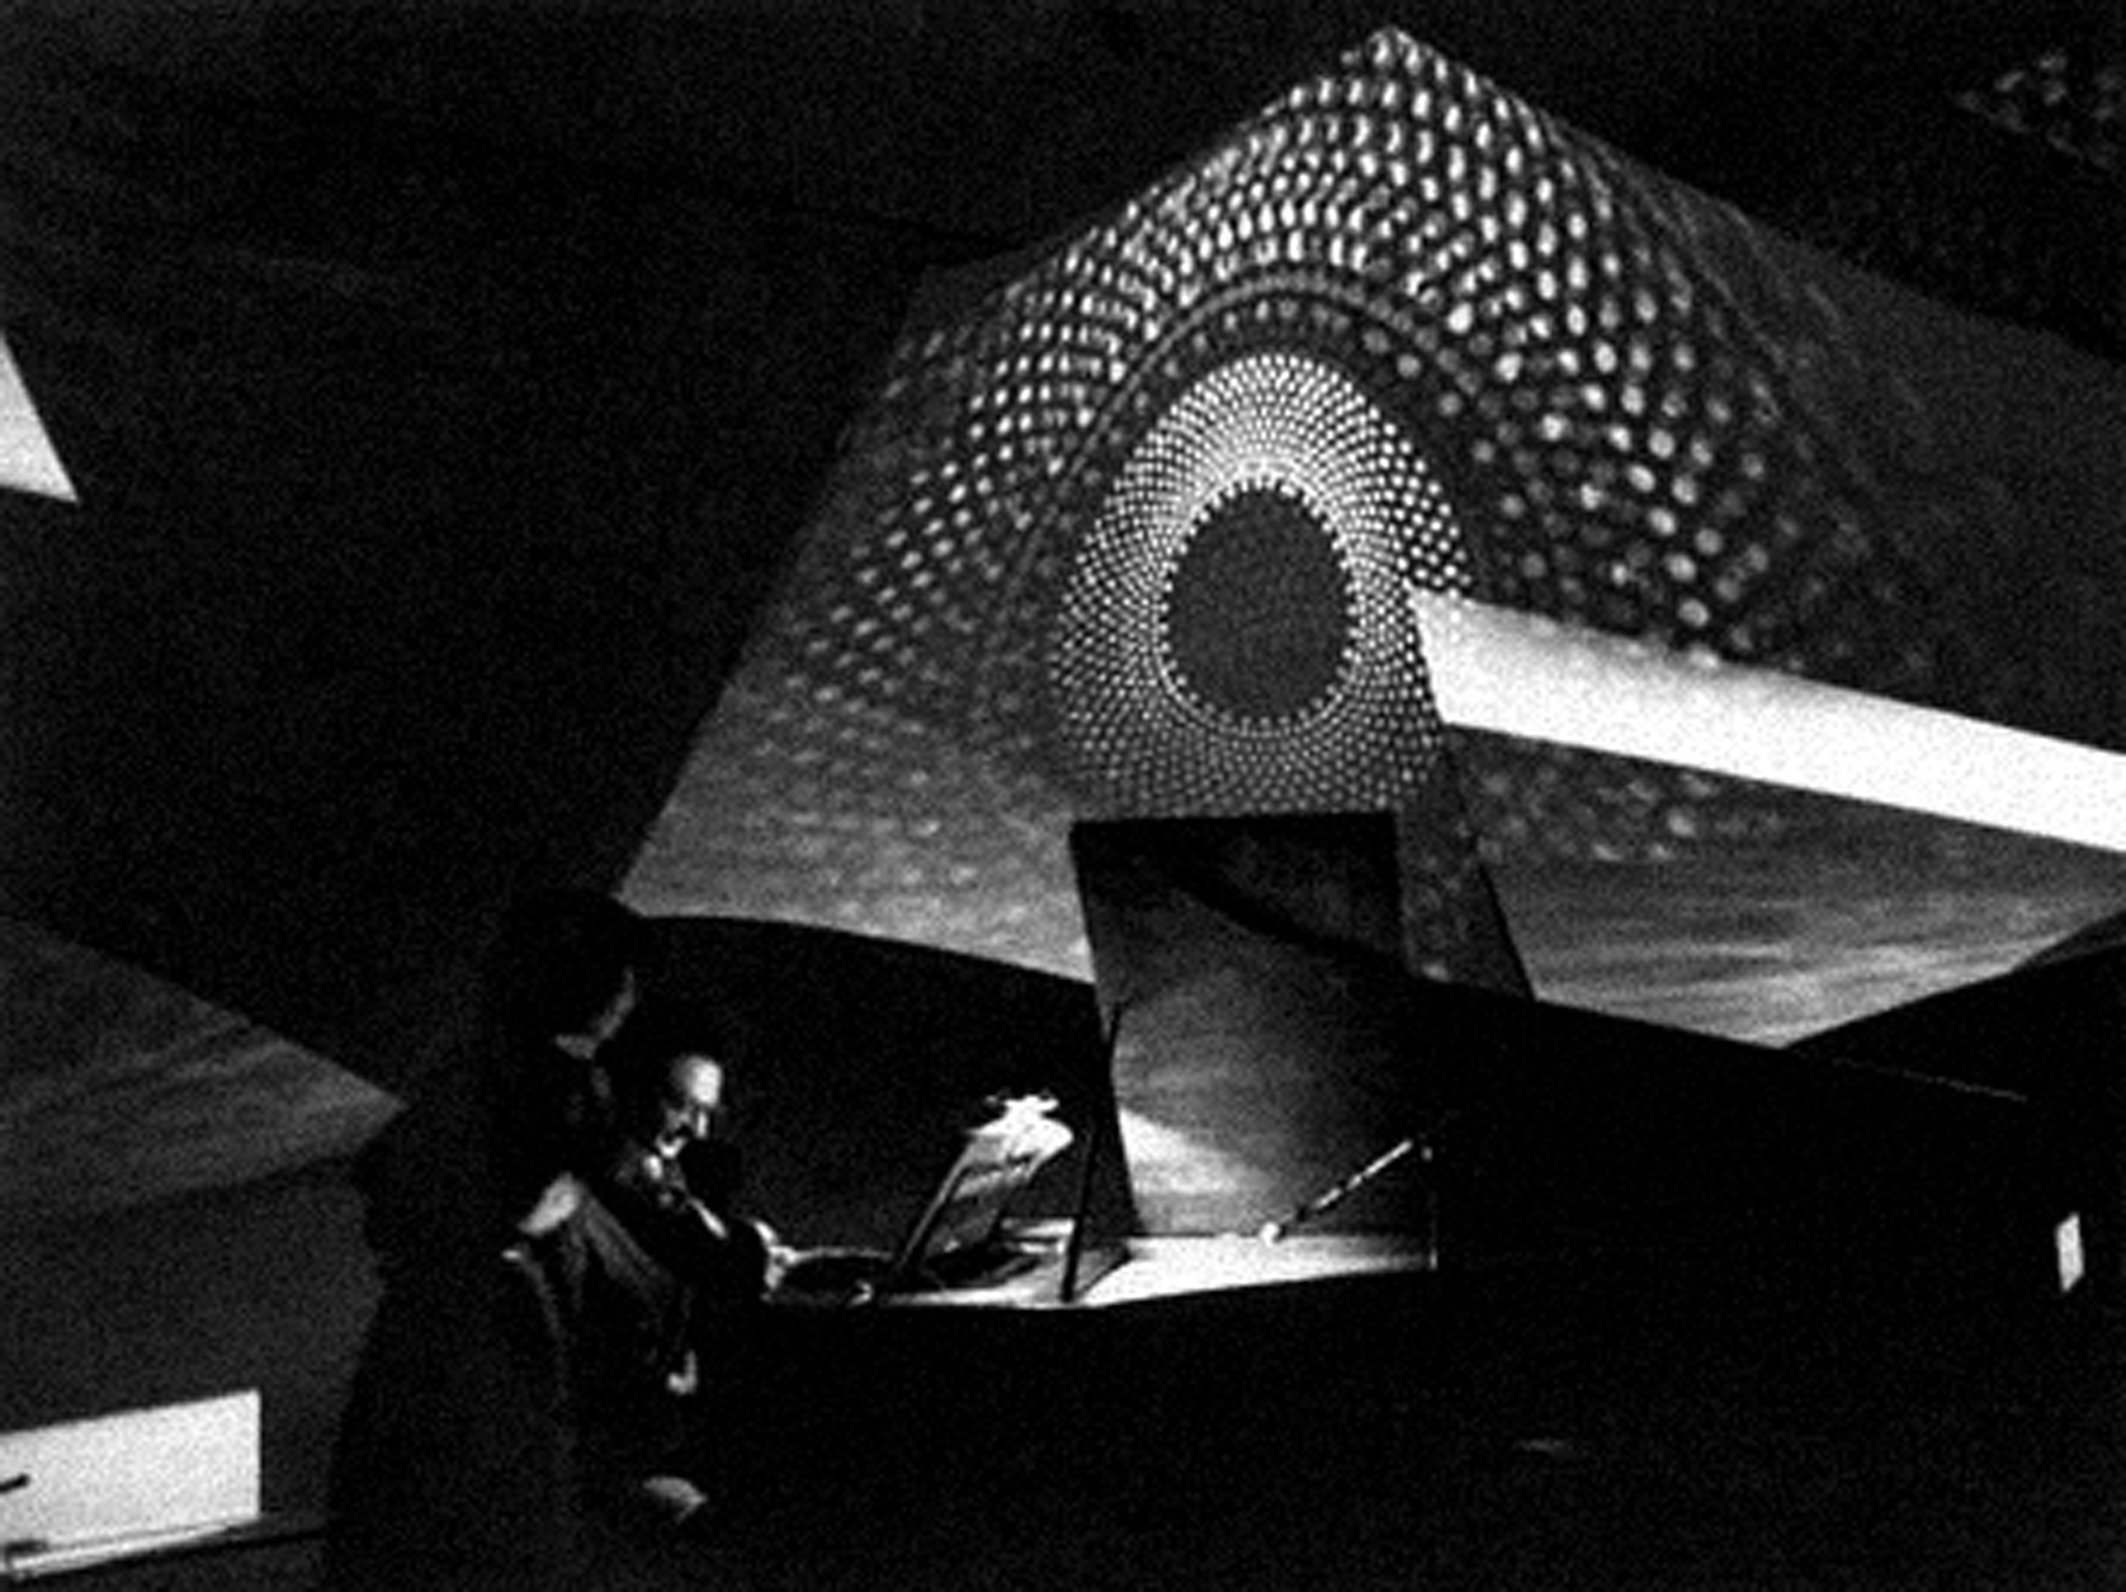 HPSCHD, Lejaren Hiller and John Cage.  Foto live del 1969